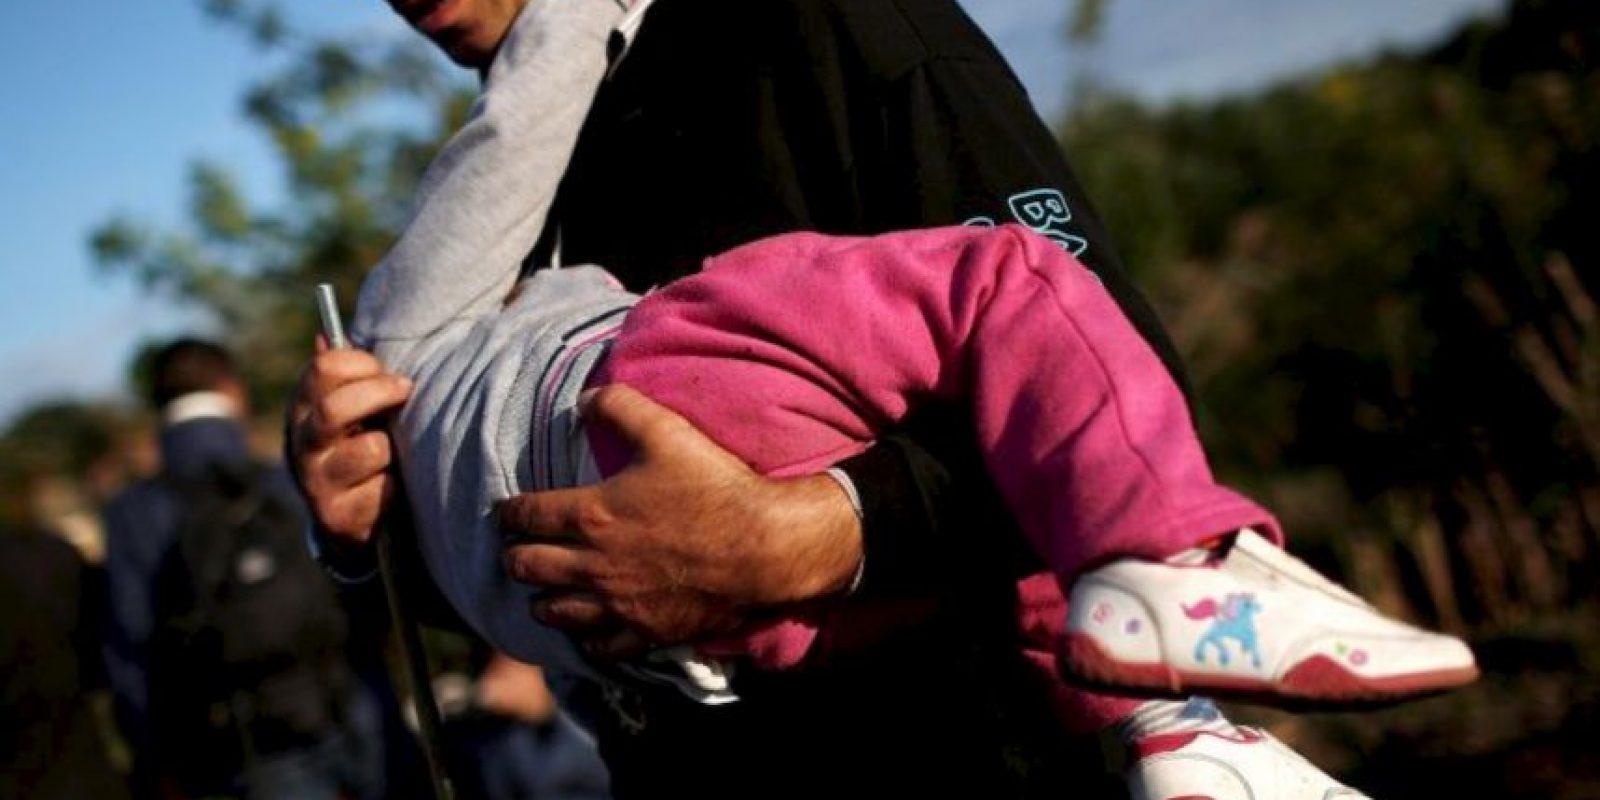 """1. ¿Cuándo comenzó? La guerra civil que enfrenta Siria empezó en 2011. Según el portal Infobae, esta comenzó por """"la feroz represión del presidente Bashar al Assad y, más recientemente, por la violencia sin límites de Estado Islámico"""". Foto:vía AFP"""